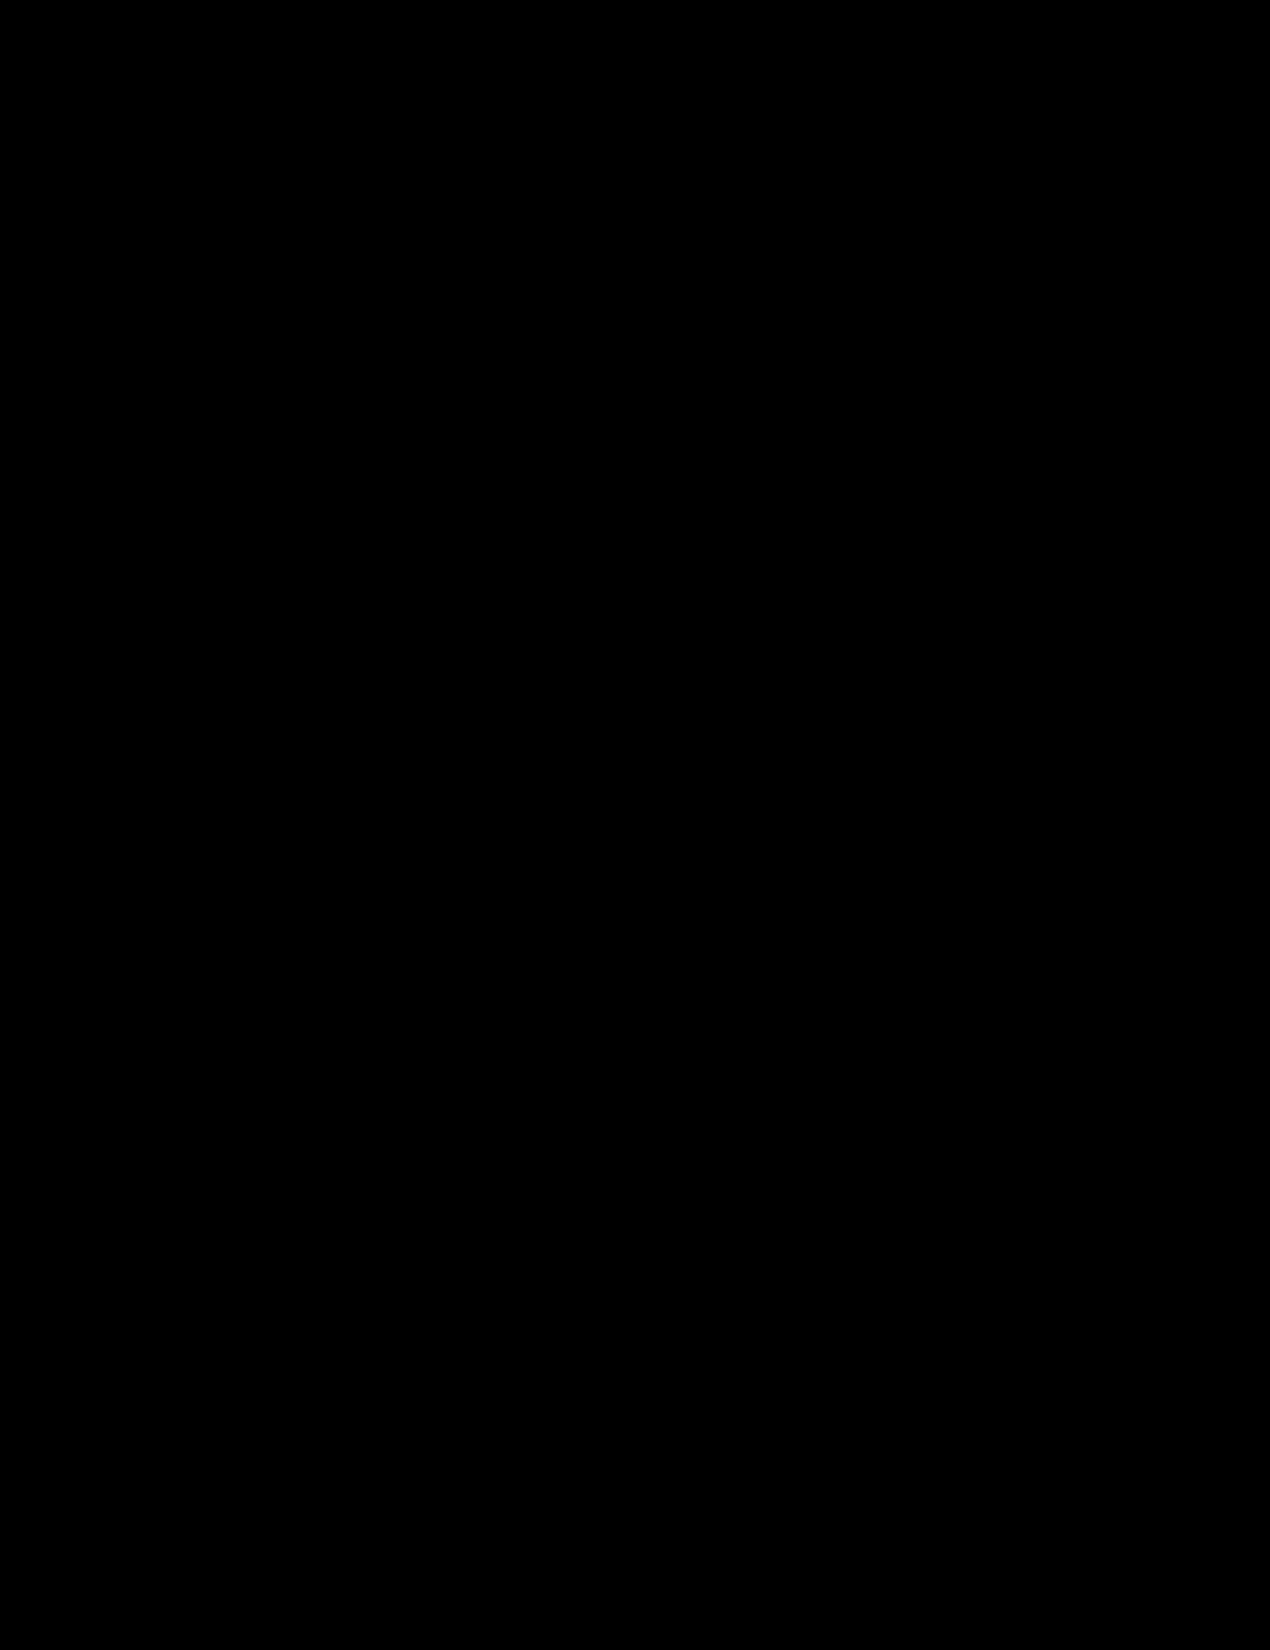 ang suliranin at kaligiran ng pag aaral Disenyo ng pananaliksik – nililinaw kung anong uri ng pananaliksik ang kasalukuyang pag-aaral para sa inyong pamanahong-papel, iminumungkahi ang pinasimple na, deskriptiv-analitik na isang disenyo ng pangangalap ng mga datos at imformasyon hinggil sa mga salik o factors na kaugnay ng paksa ng pananaliksik.